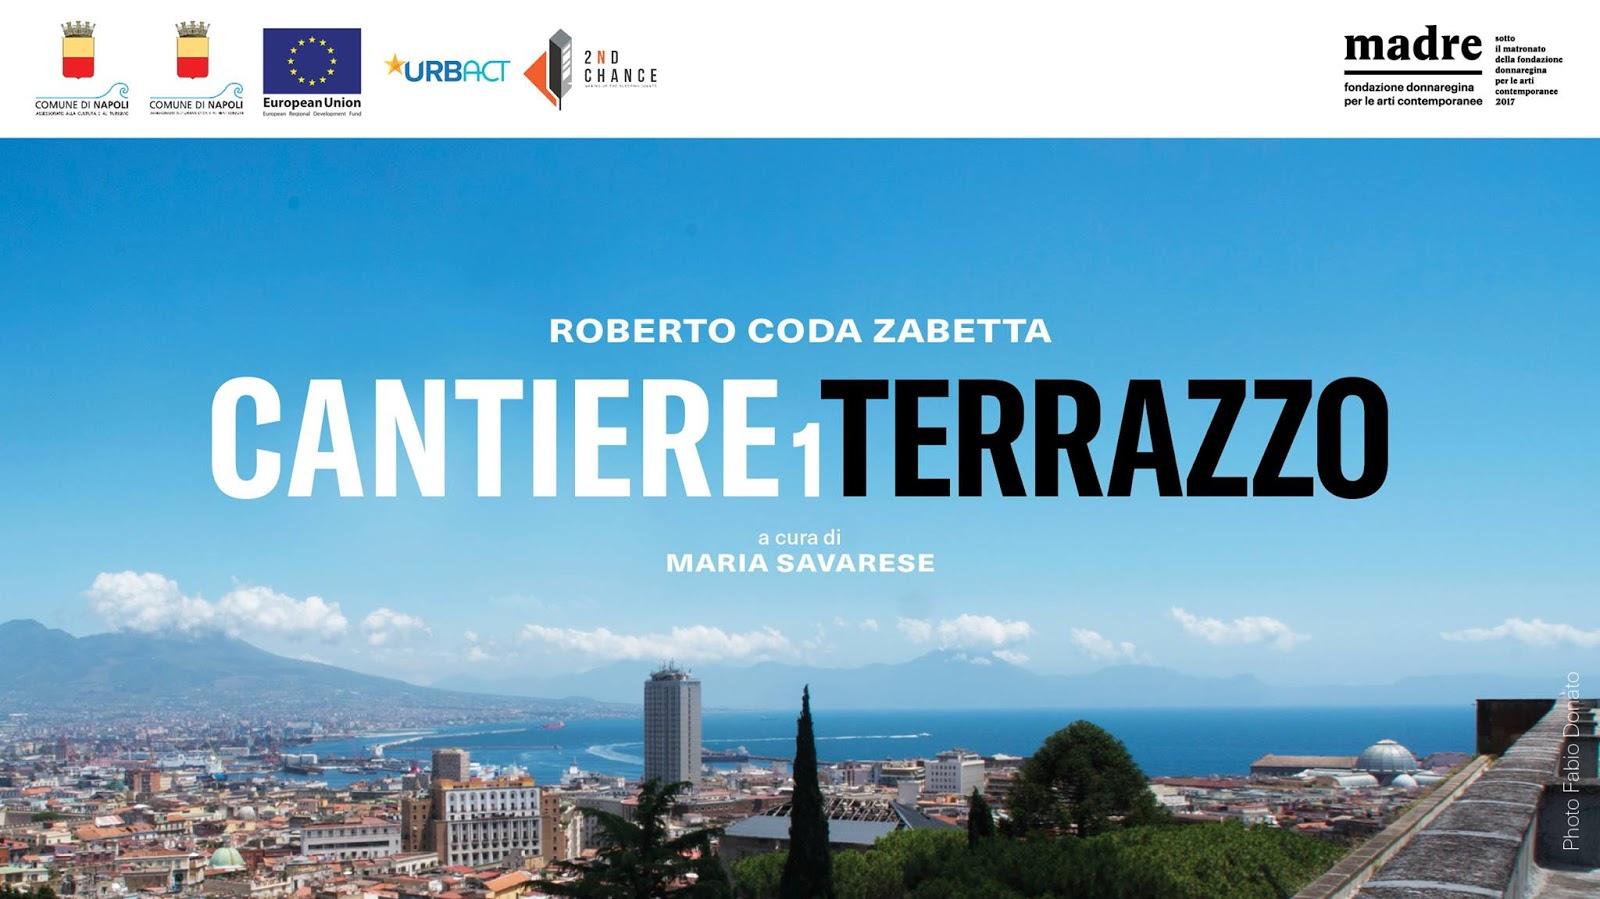 ARTE CULTURA: Cantiere 1 / Terrazzo